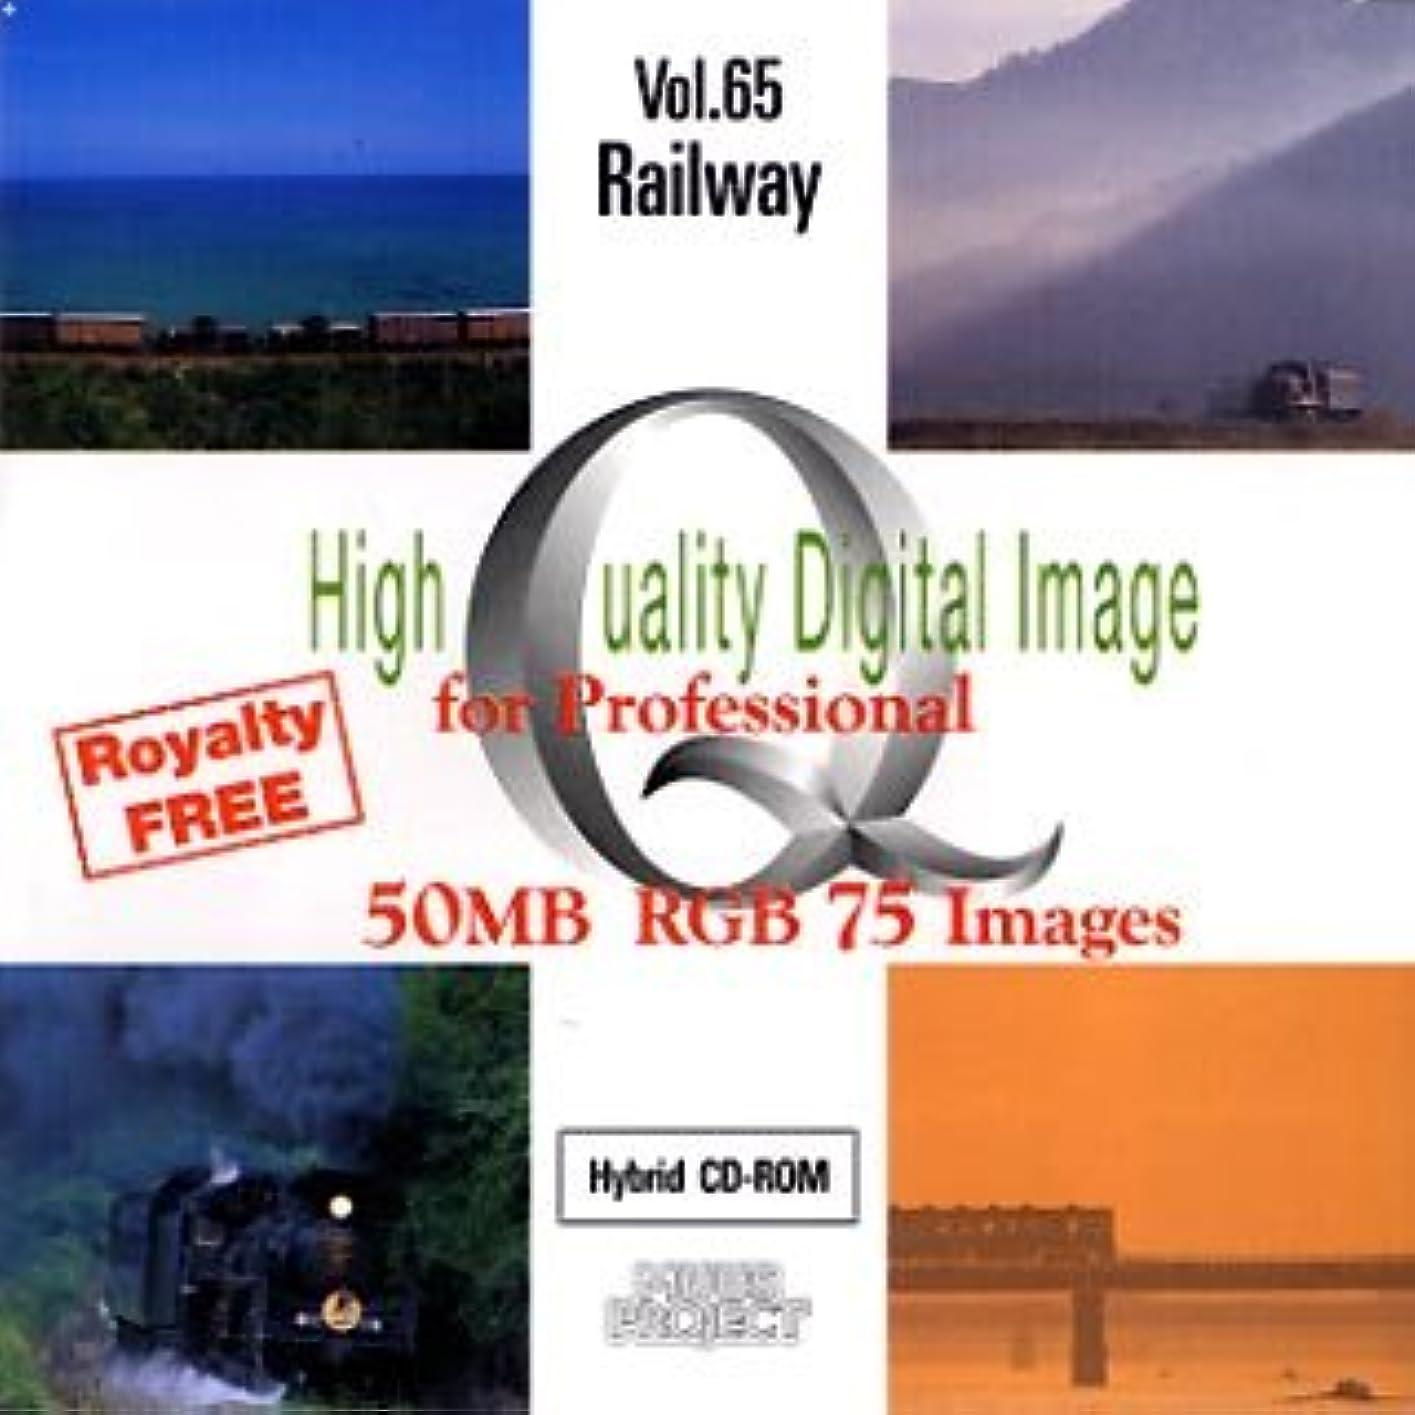 保証まっすぐピアースHigh Quality Digital Image for Professional Vol.65 Railway